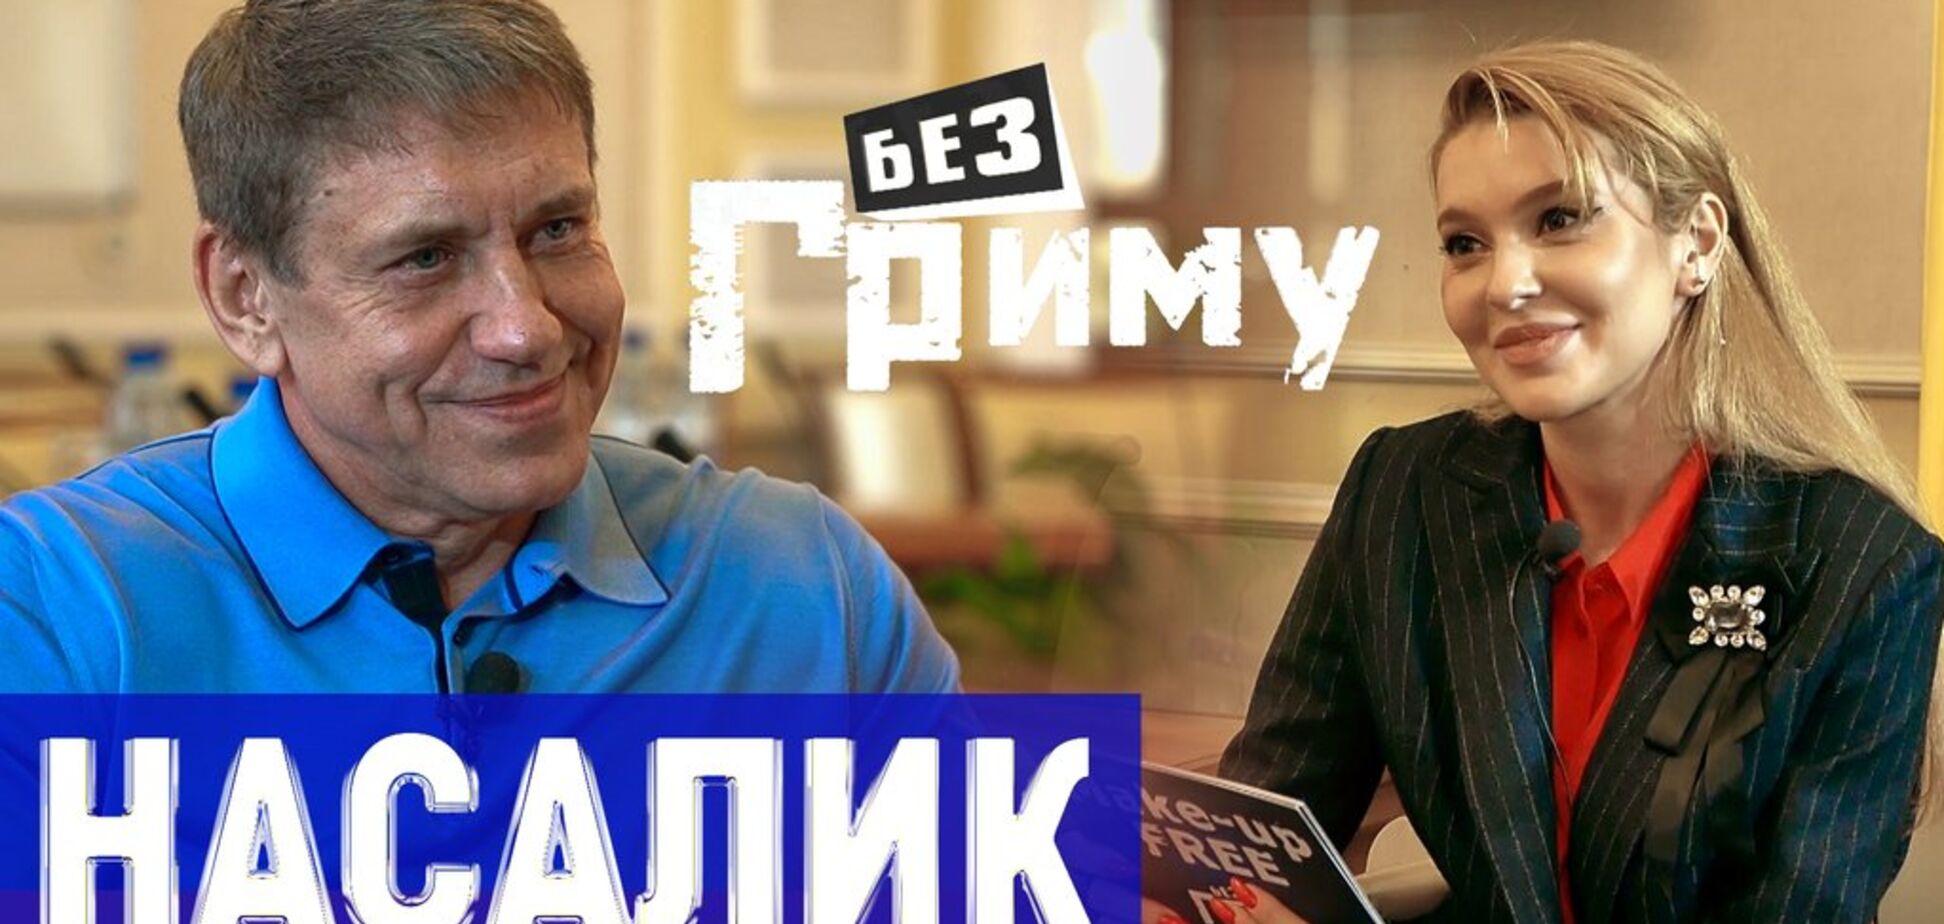 'Реальна любая цена на газ, - важно, какие будут последствия этого', - Игорь Насалик в блиц-шоу 'БЕЗ ГРИМА'